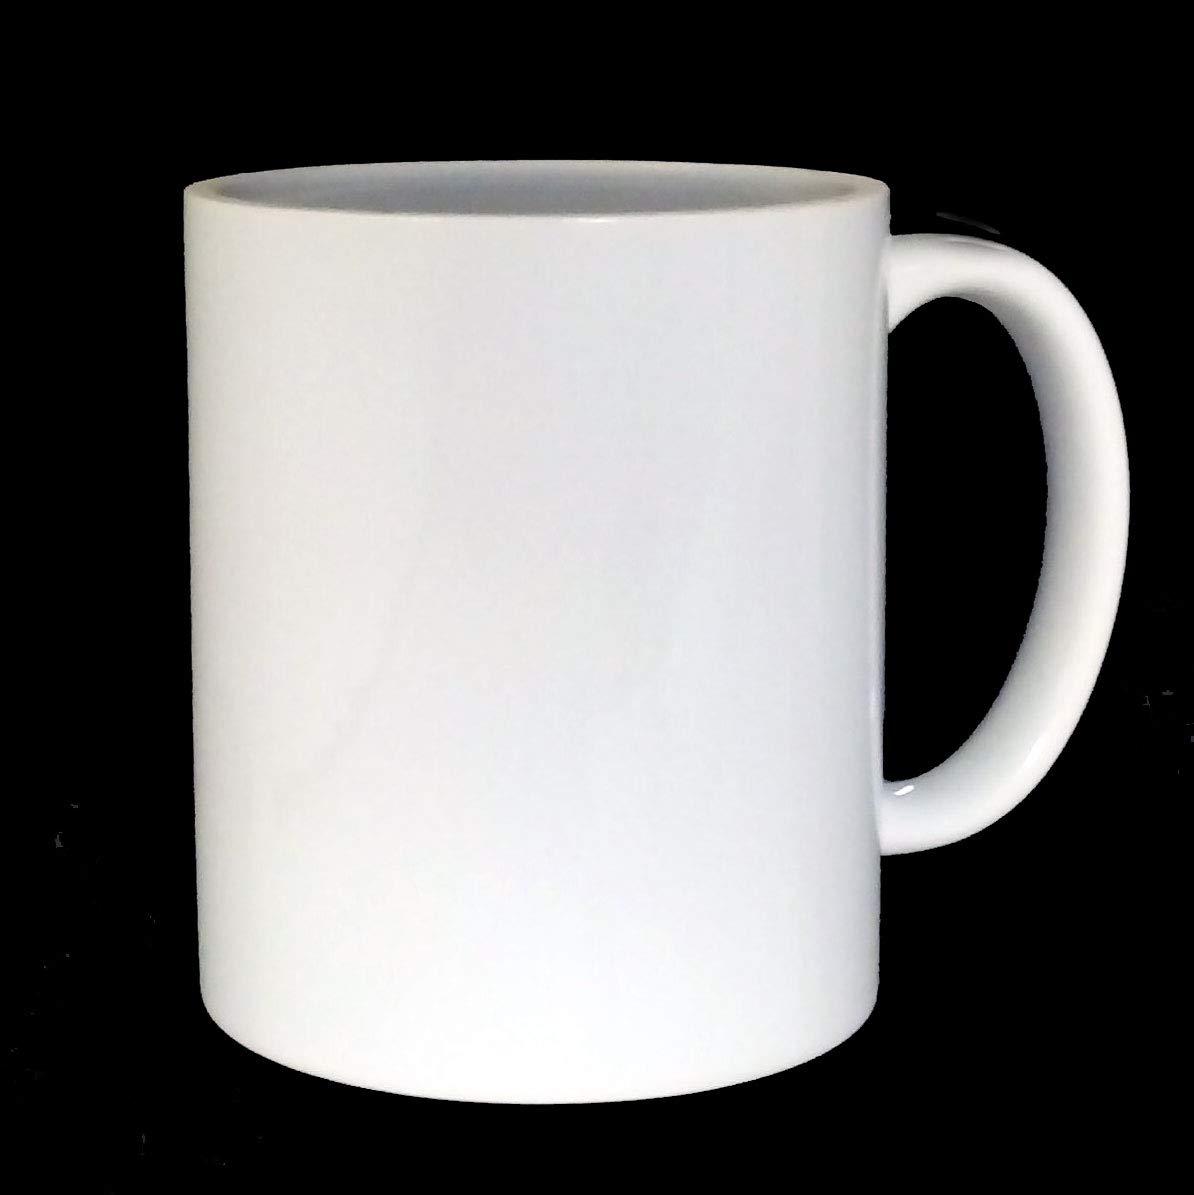 Sublimation Tasse à café Blanc: Amazon.es: Hogar